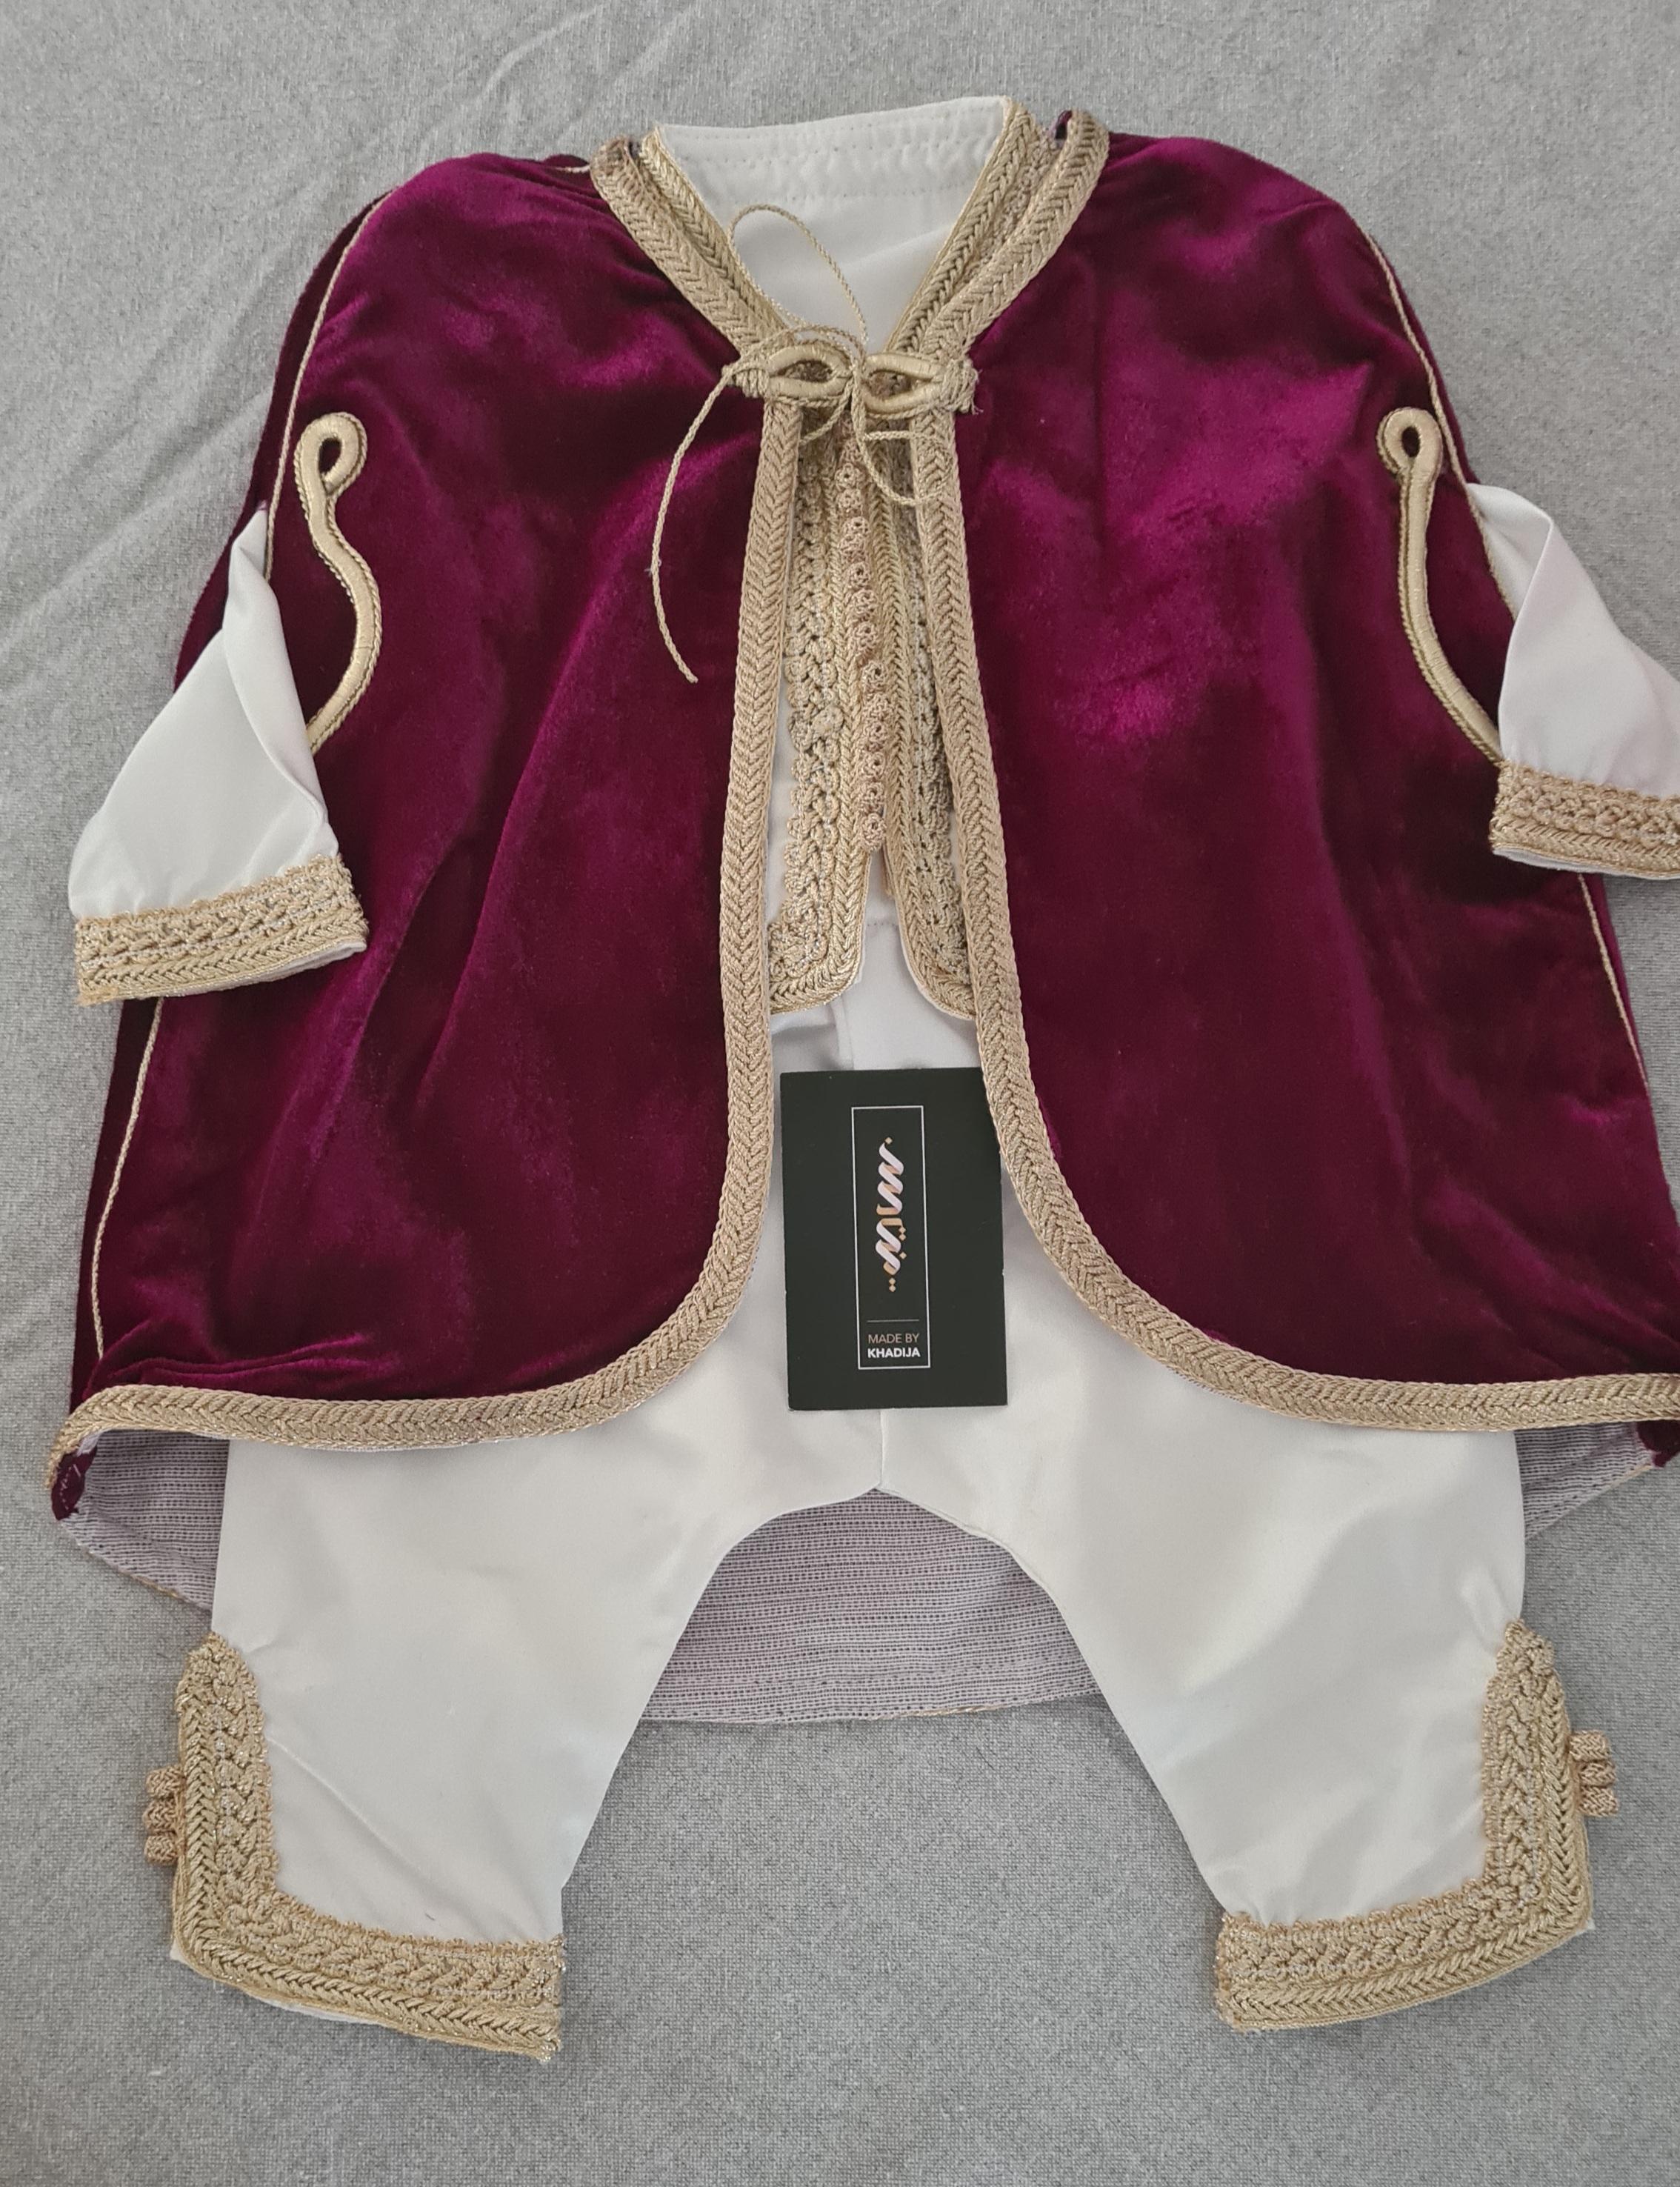 Witte baby jabador met bordeauxrood jasje